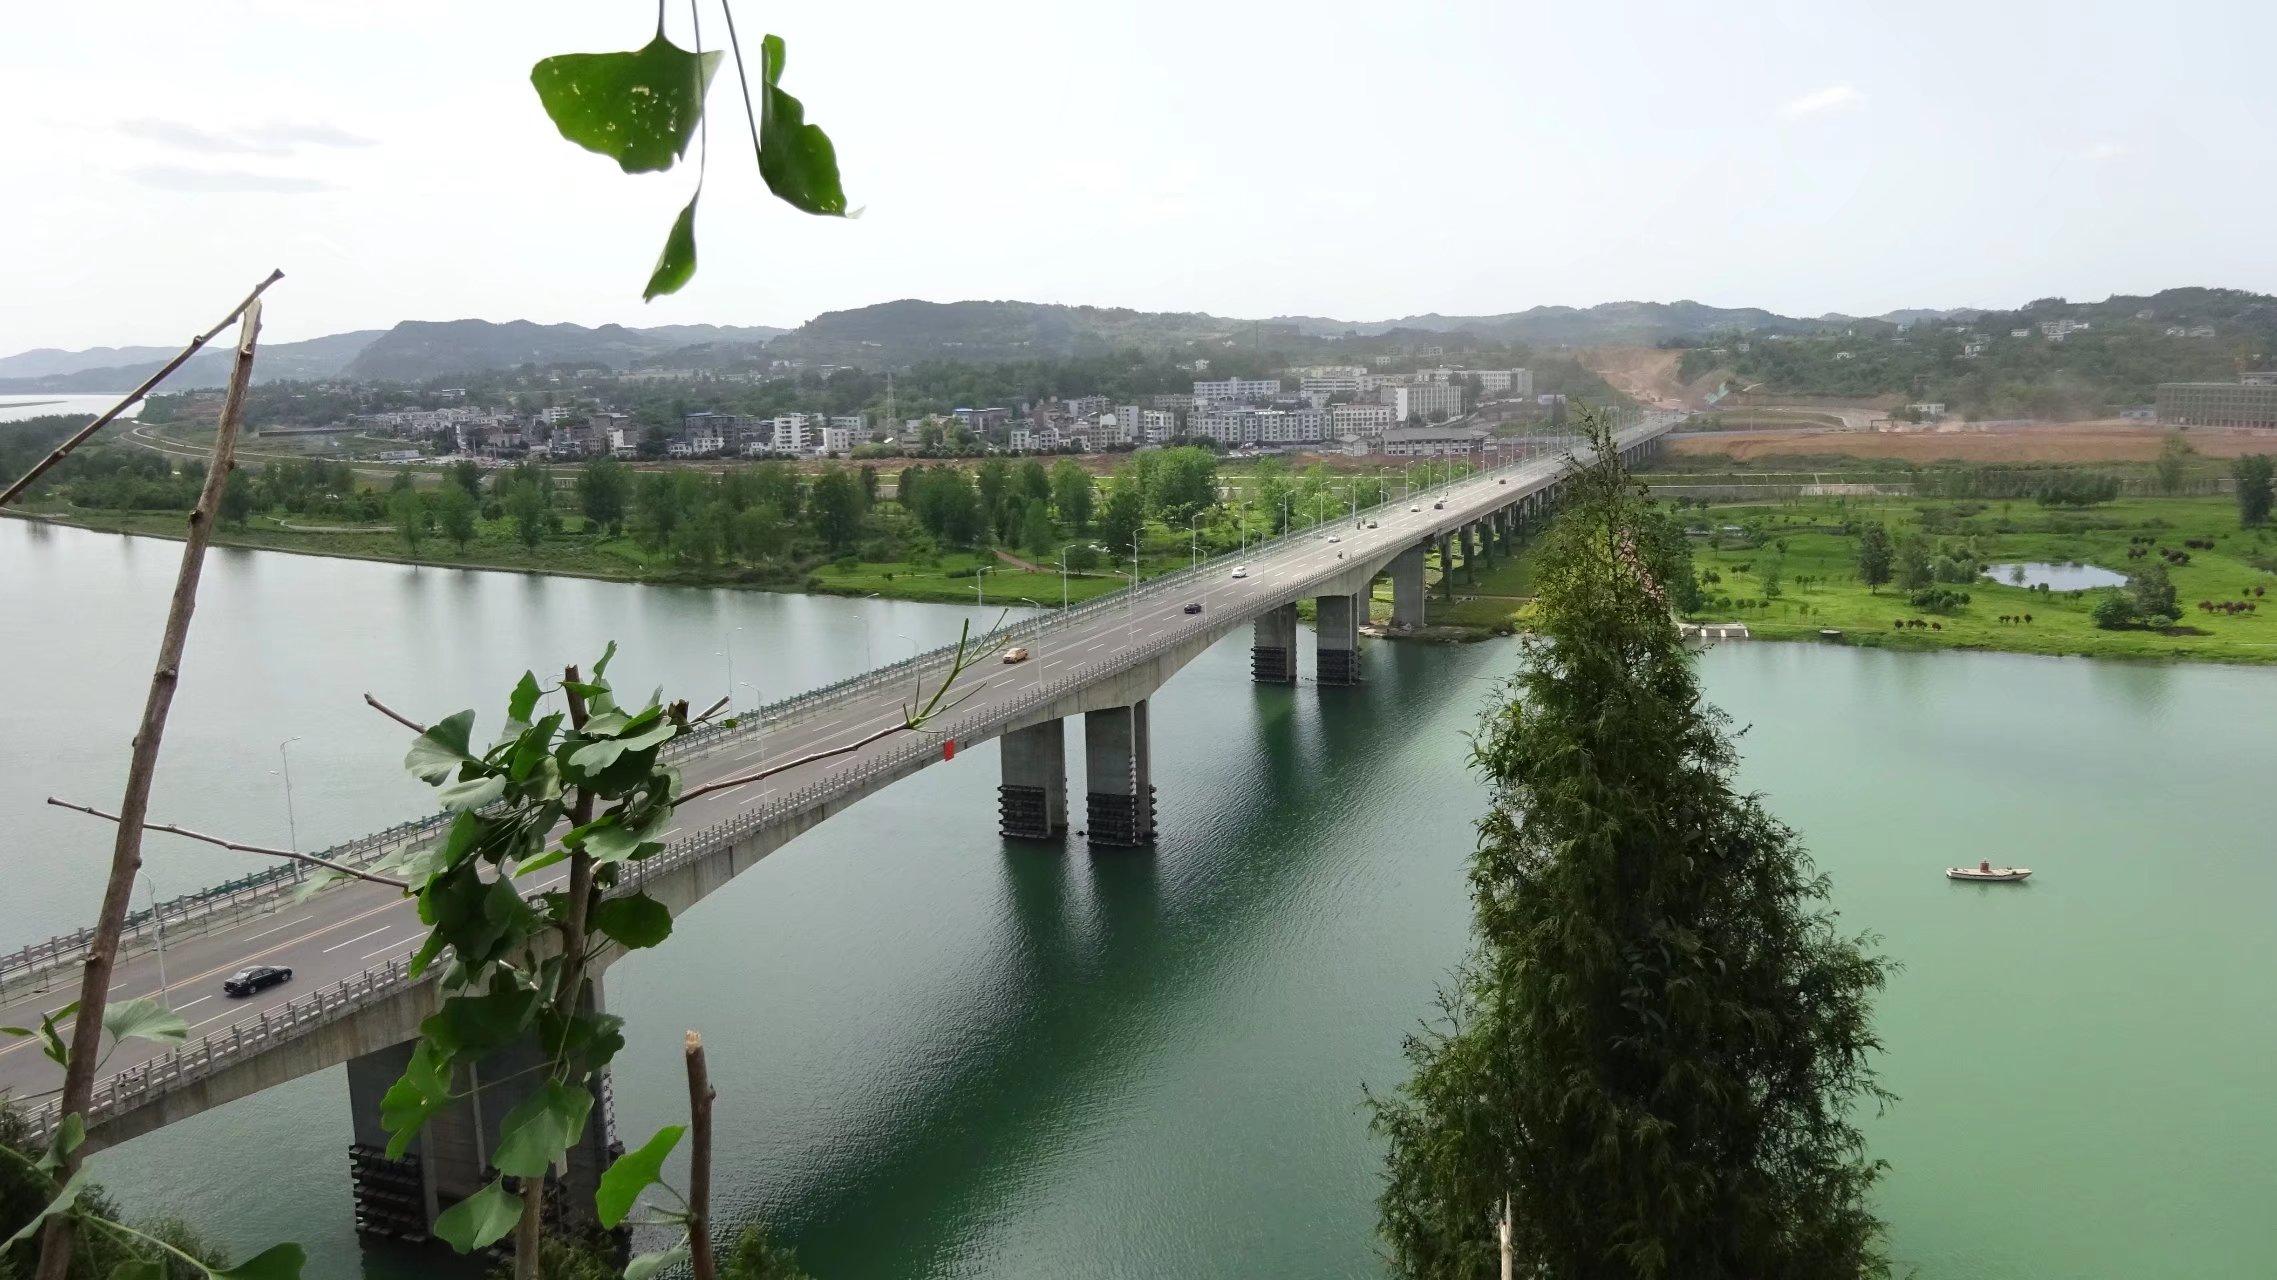 蓬安桑梓火锅公园施工进度(2018-05-10) - 第30张    蓬安在线